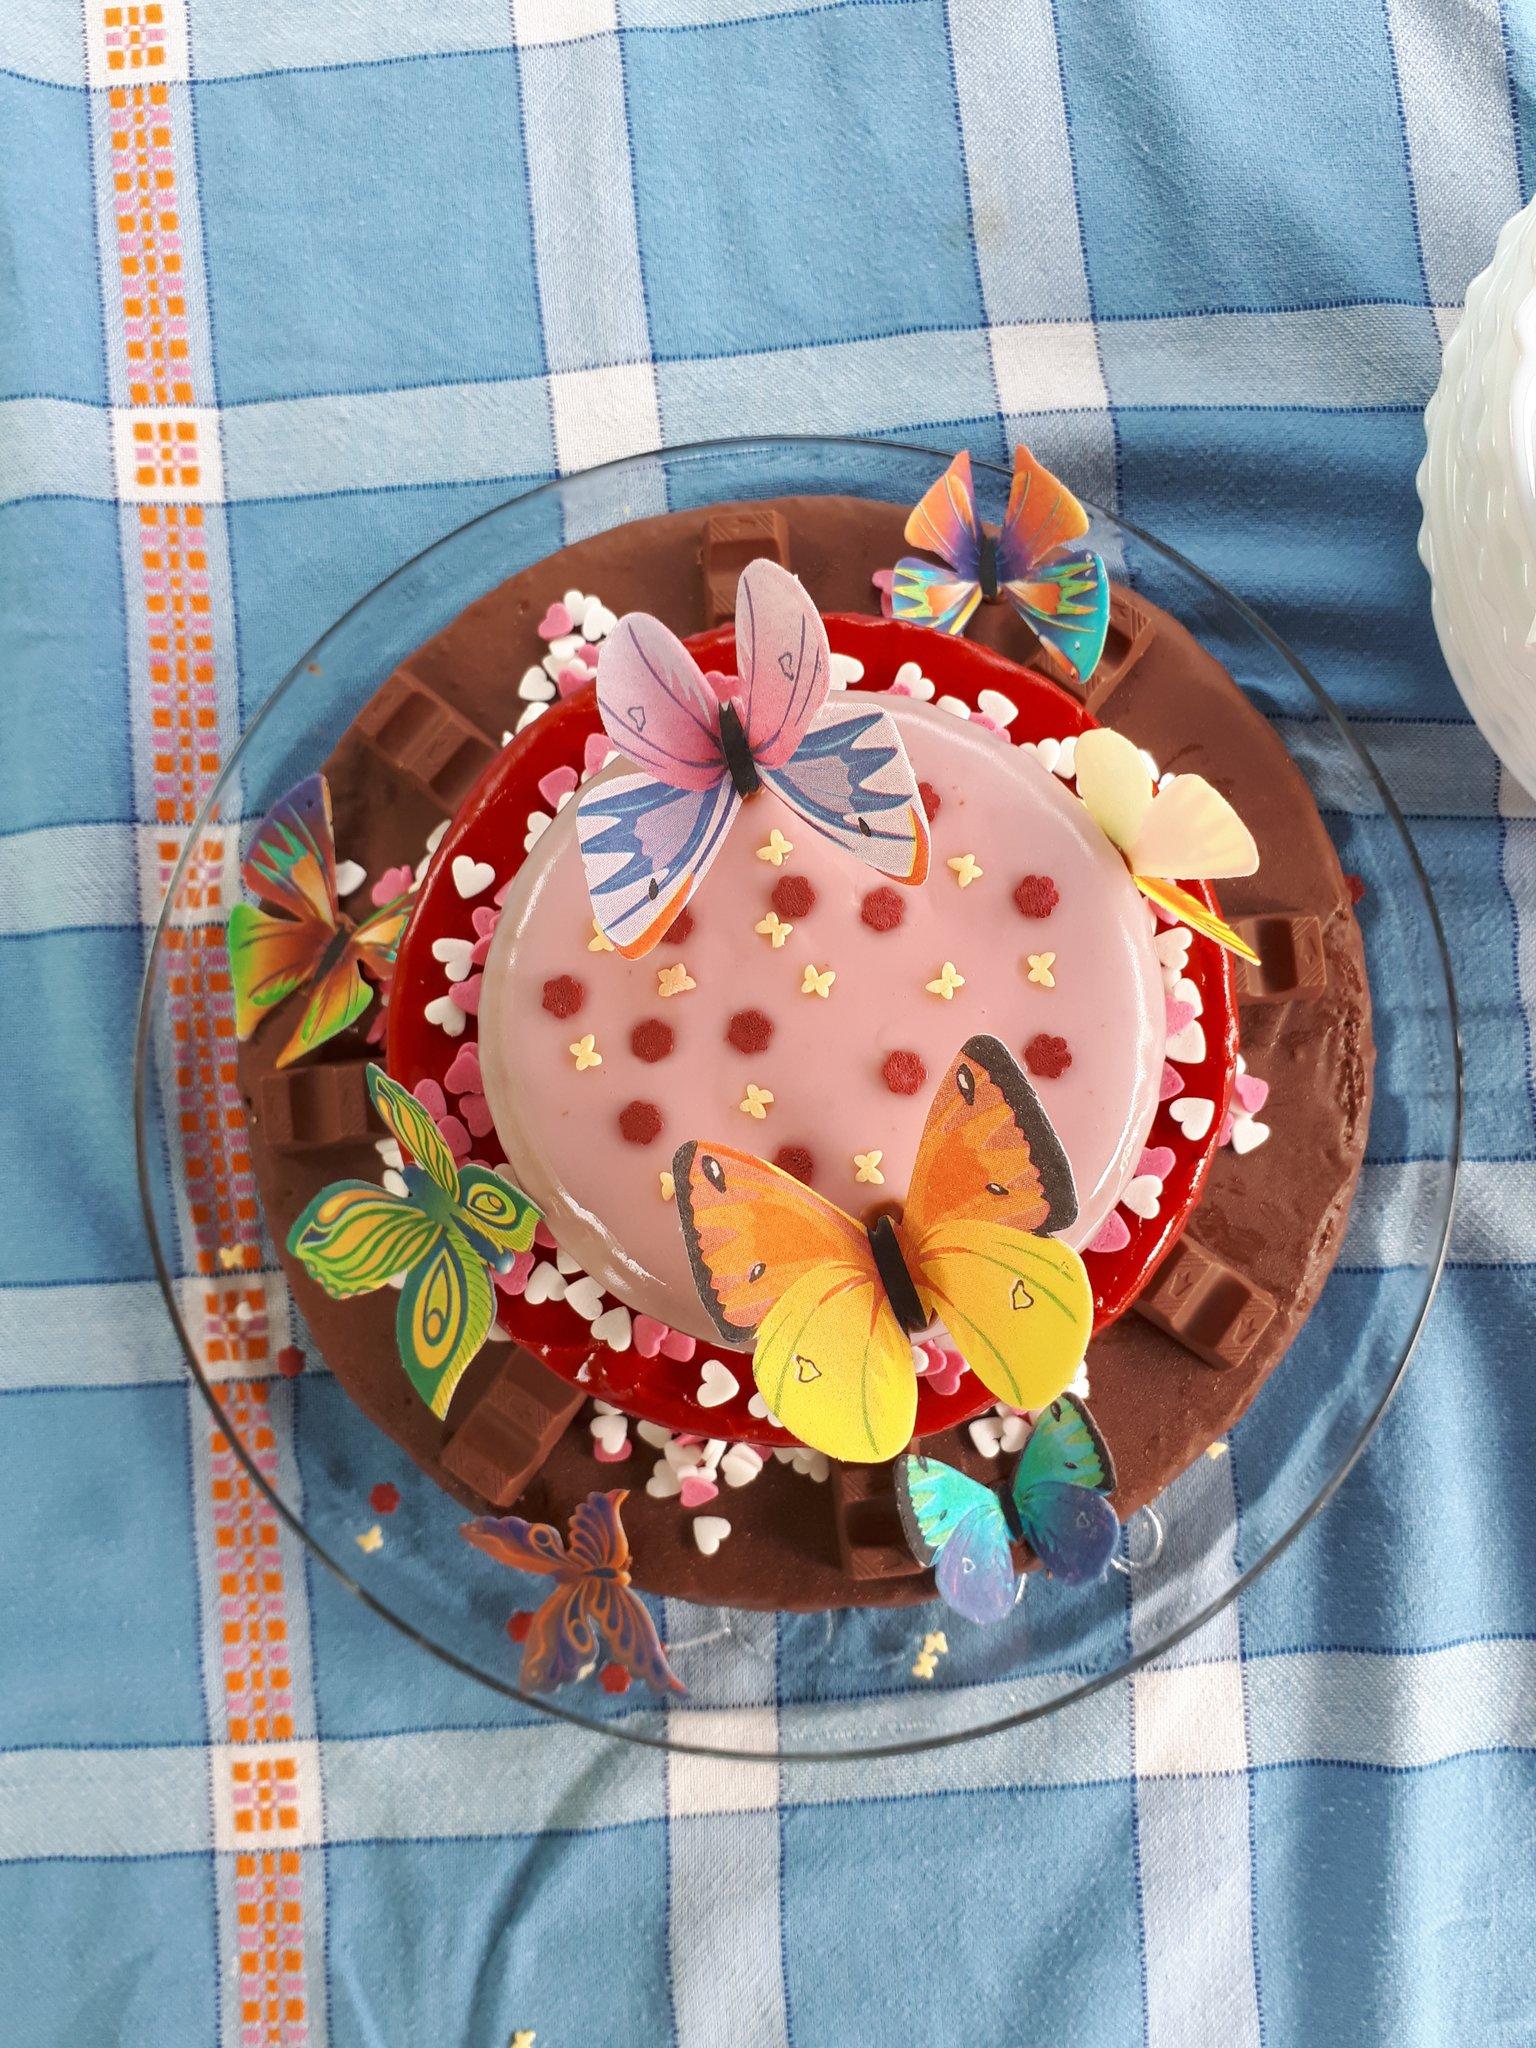 Foto Der Woche Leckeres Kuchen Torten Kekse Und Co Lunen